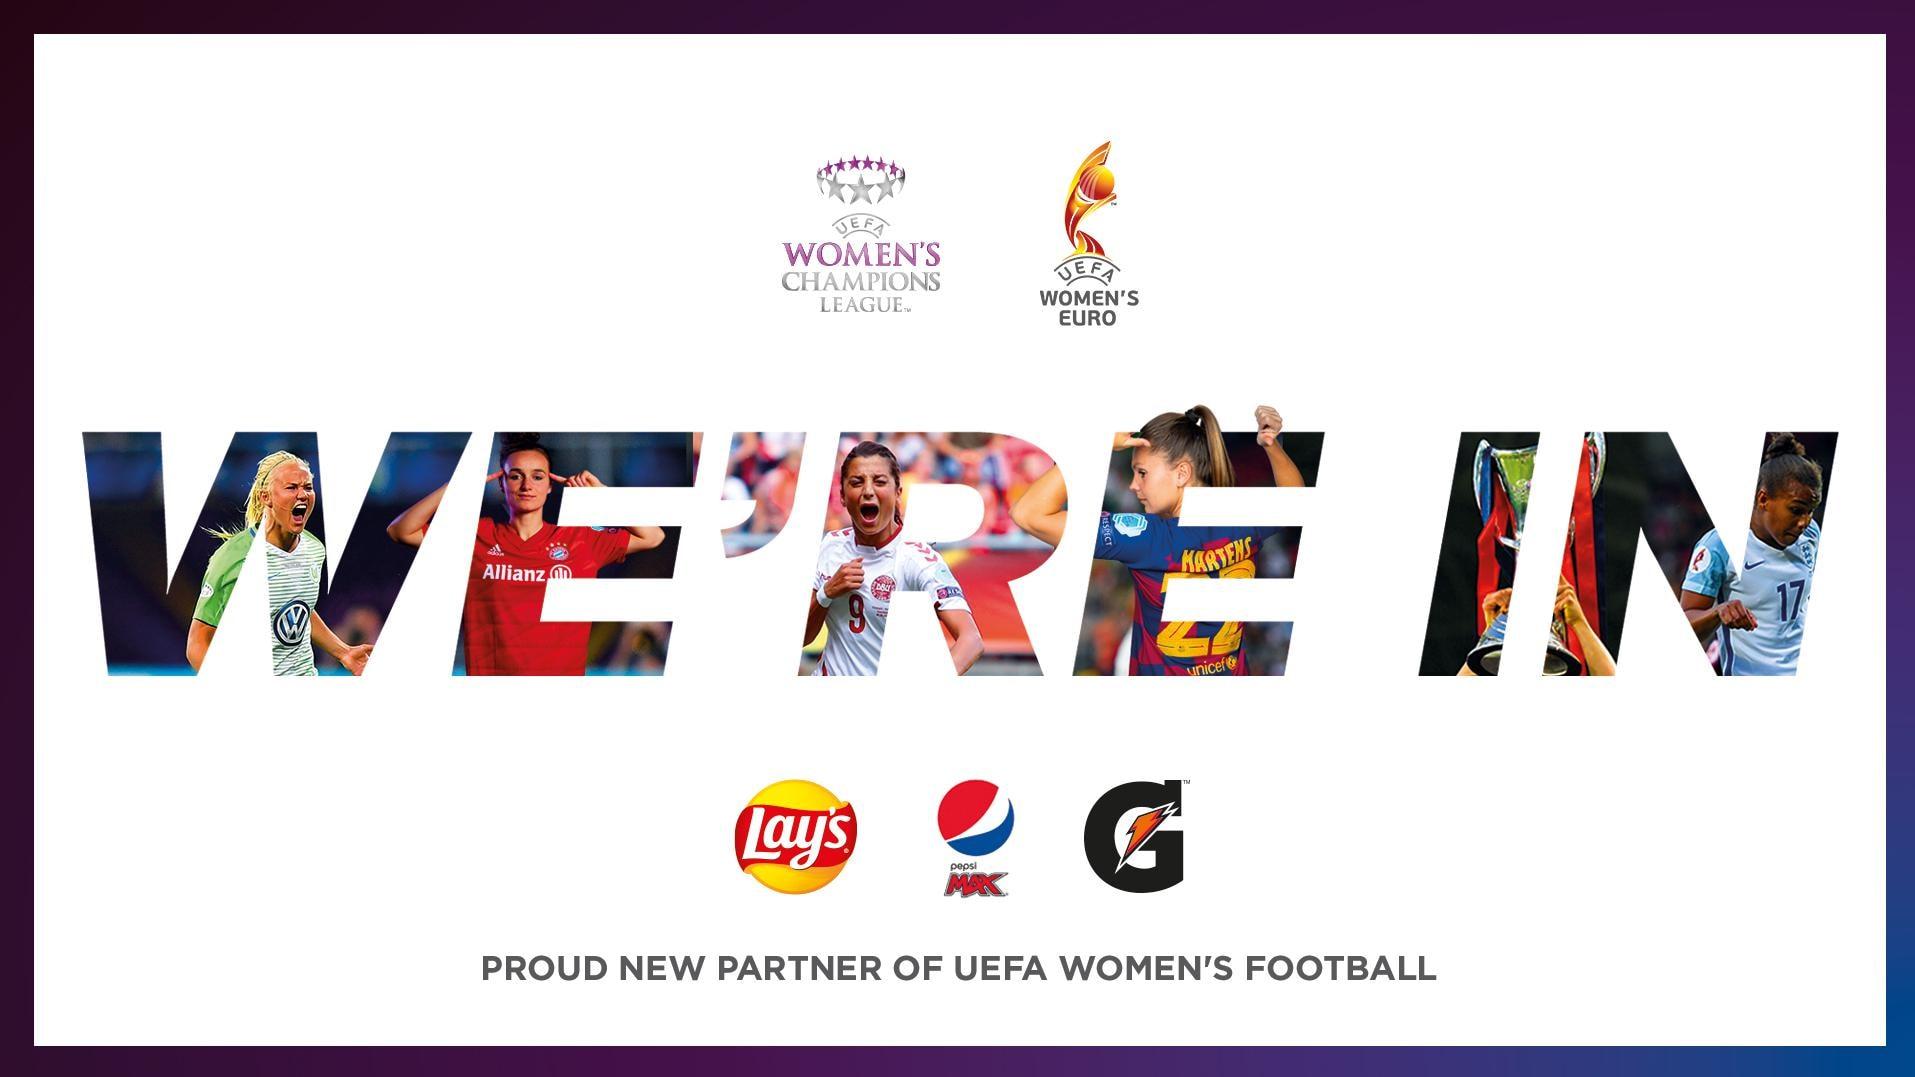 Pepsico nouveau sponsor de l'UEFA Euro Féminin et de l'UEFA Women's Champions League jusqu'en 2025 - Championnat d'Europe de Football 2020